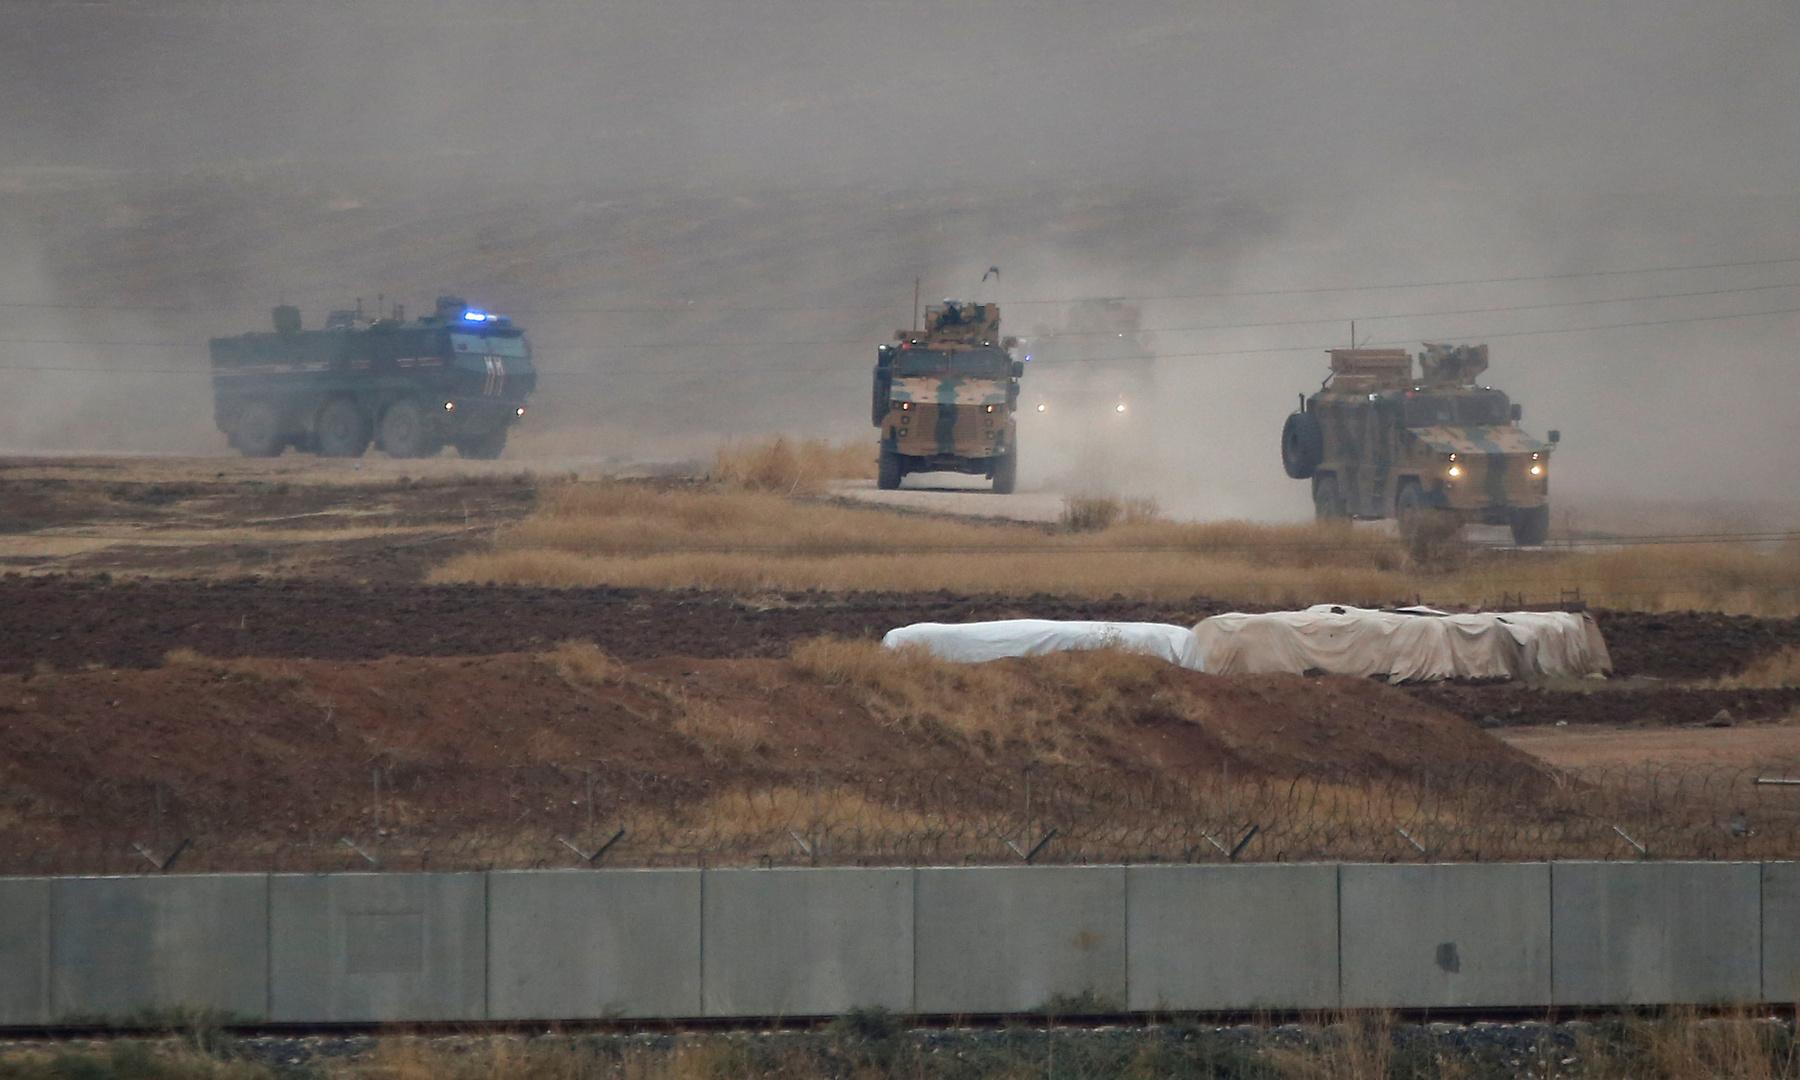 روسيا وتركيا تستكملان دوريتهما العسكرية الثانية شمال سوريا